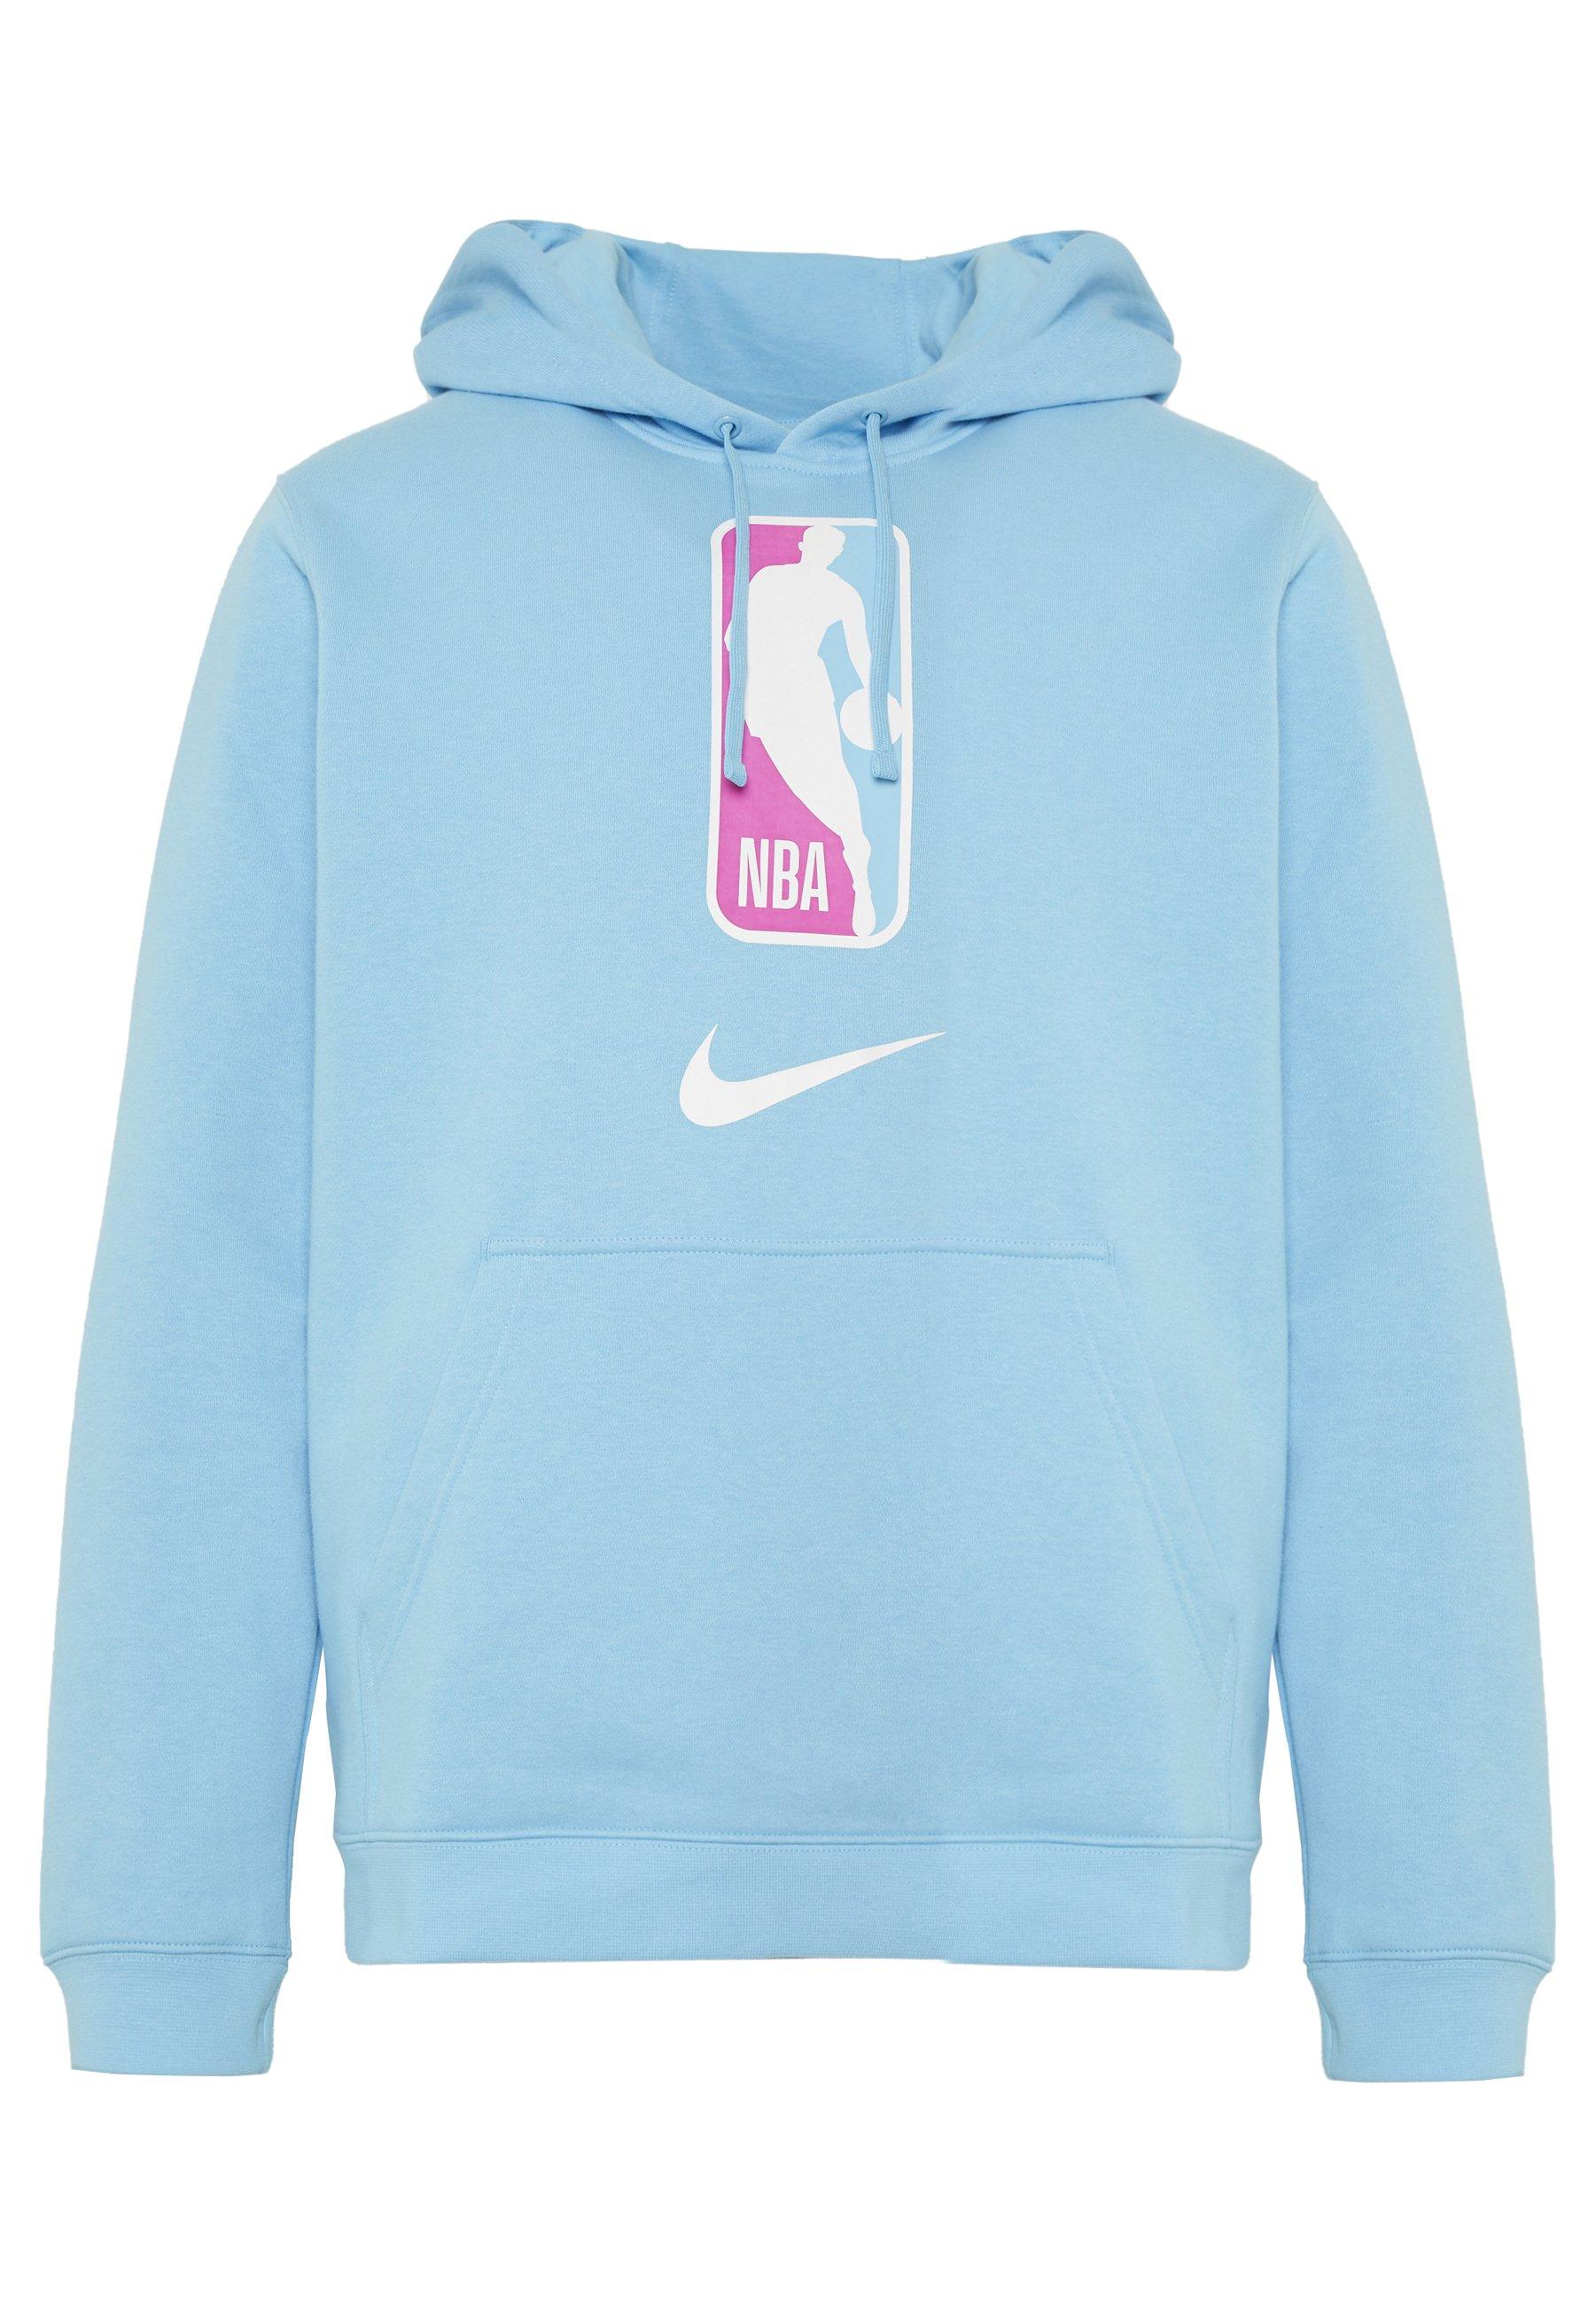 Nike Performance NBA TEAM HOODY Sweat à capuche blue